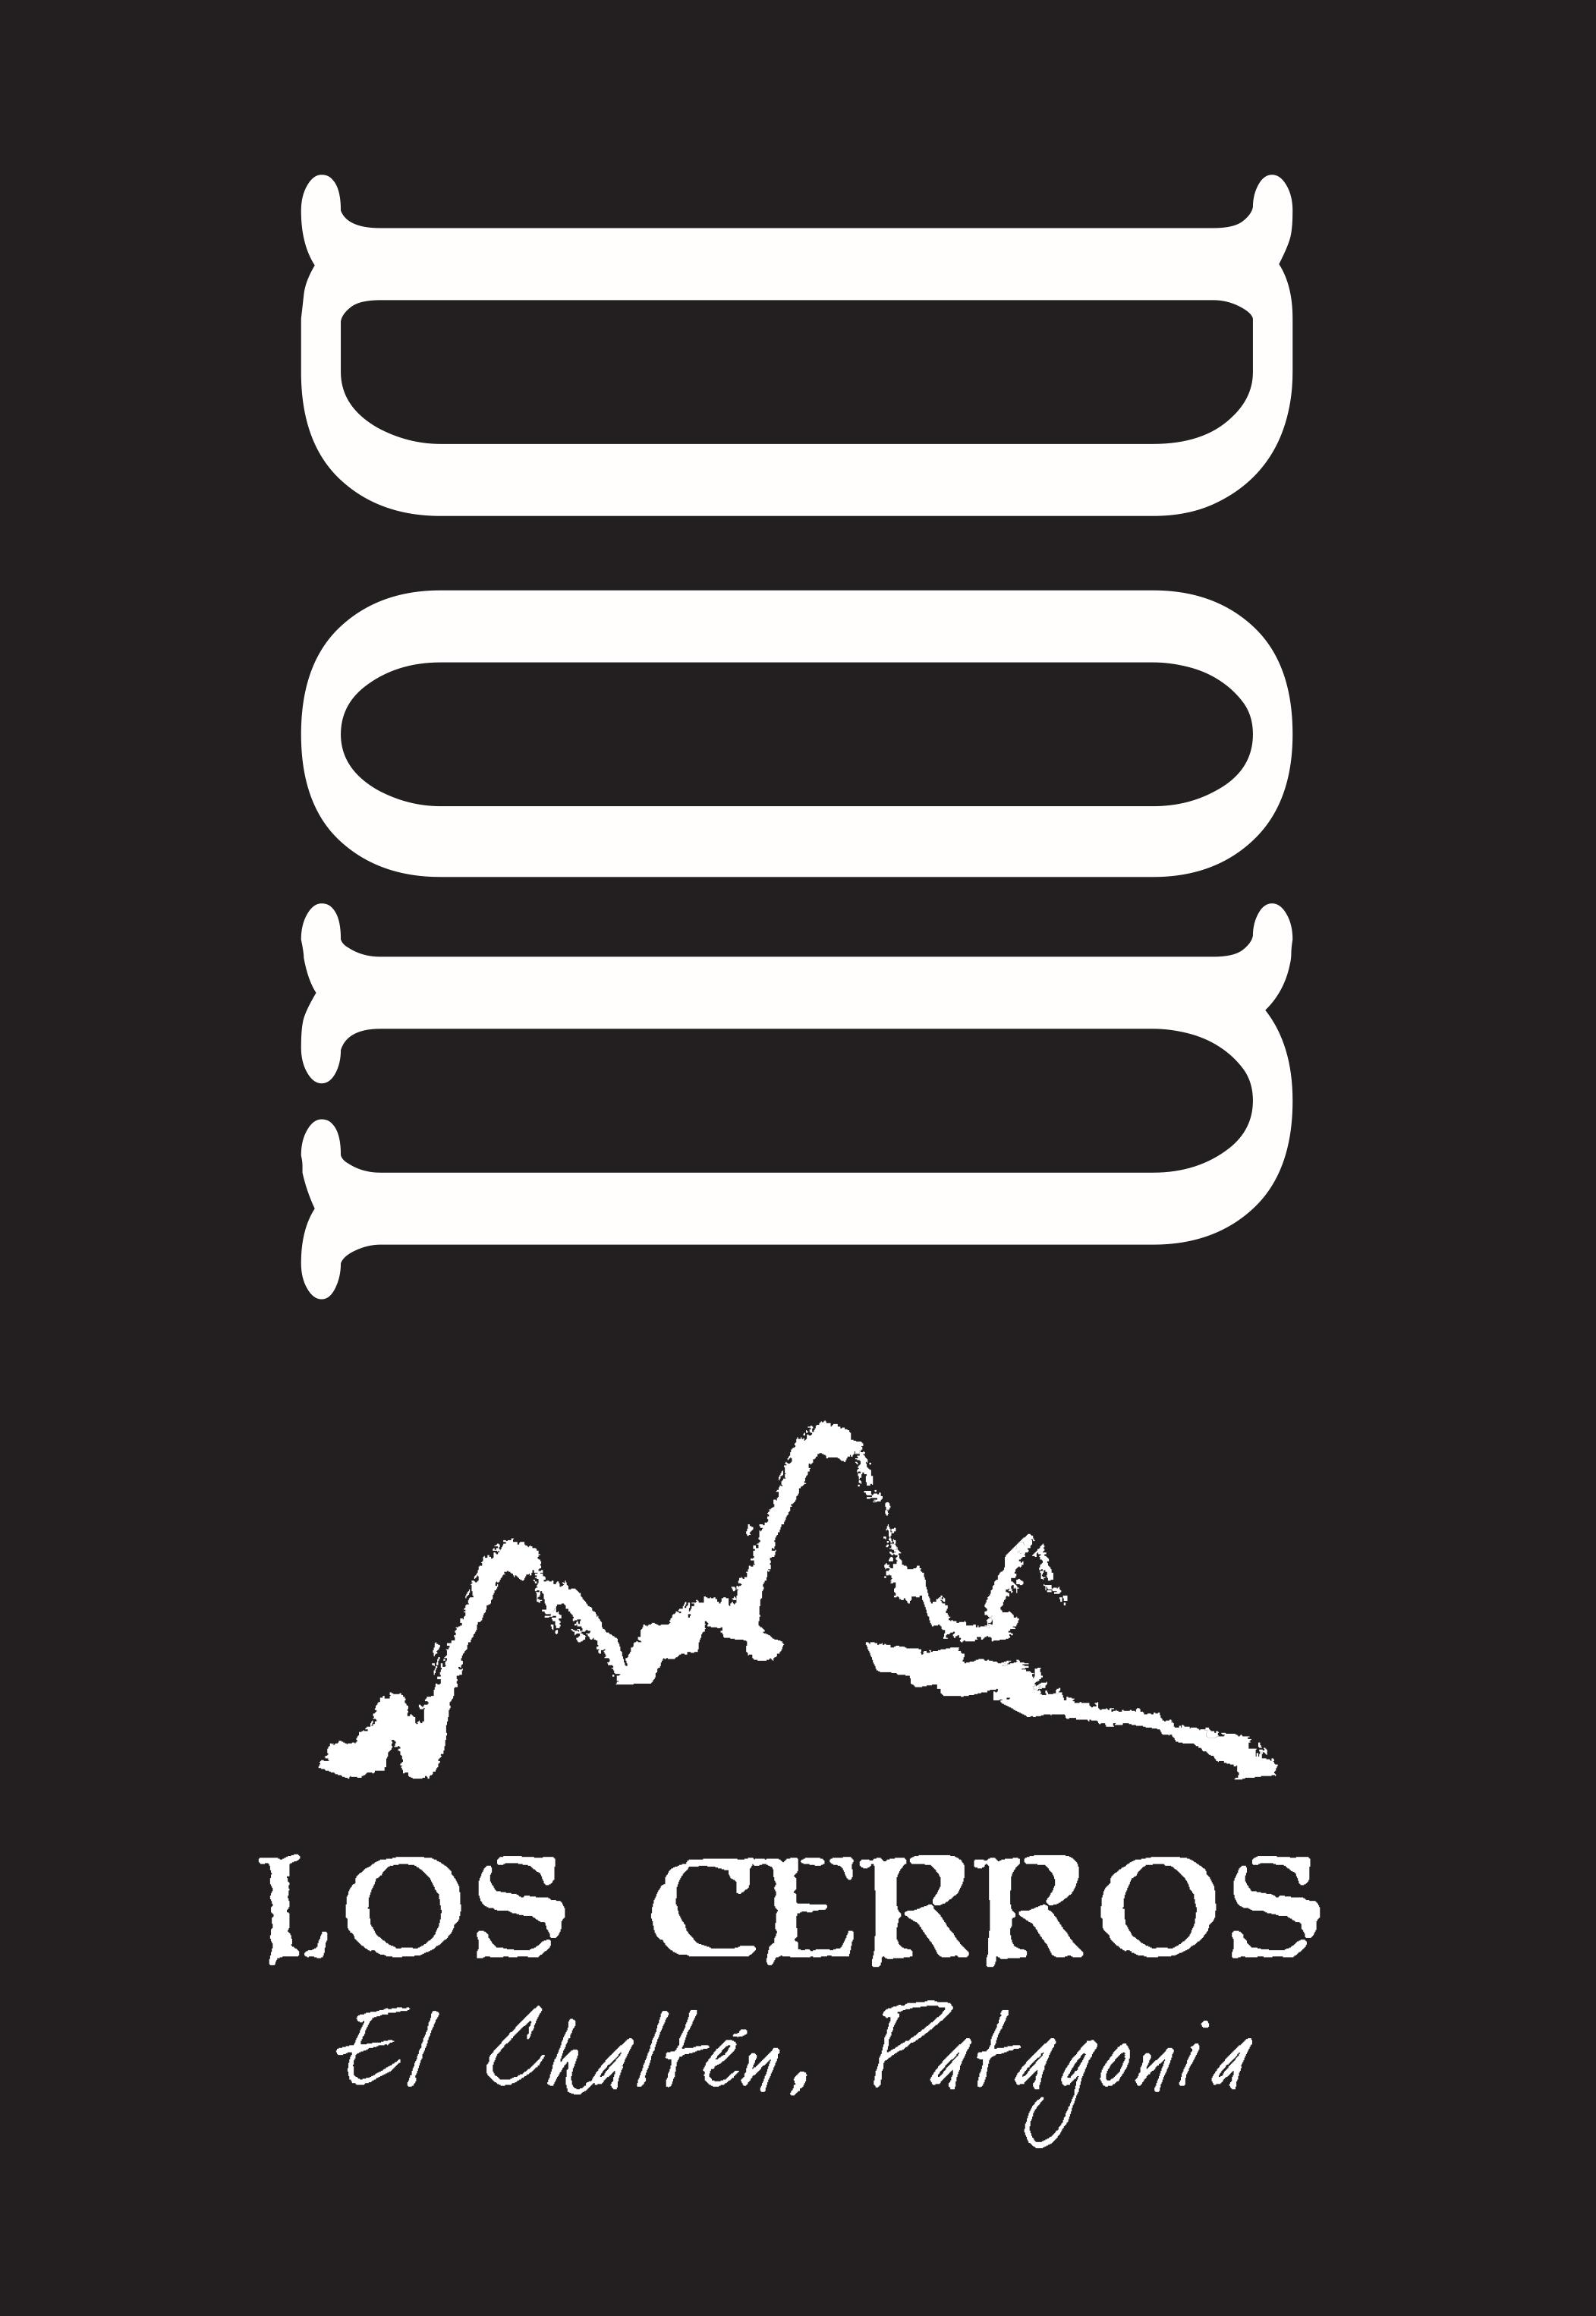 Don Los Cerros - Principal